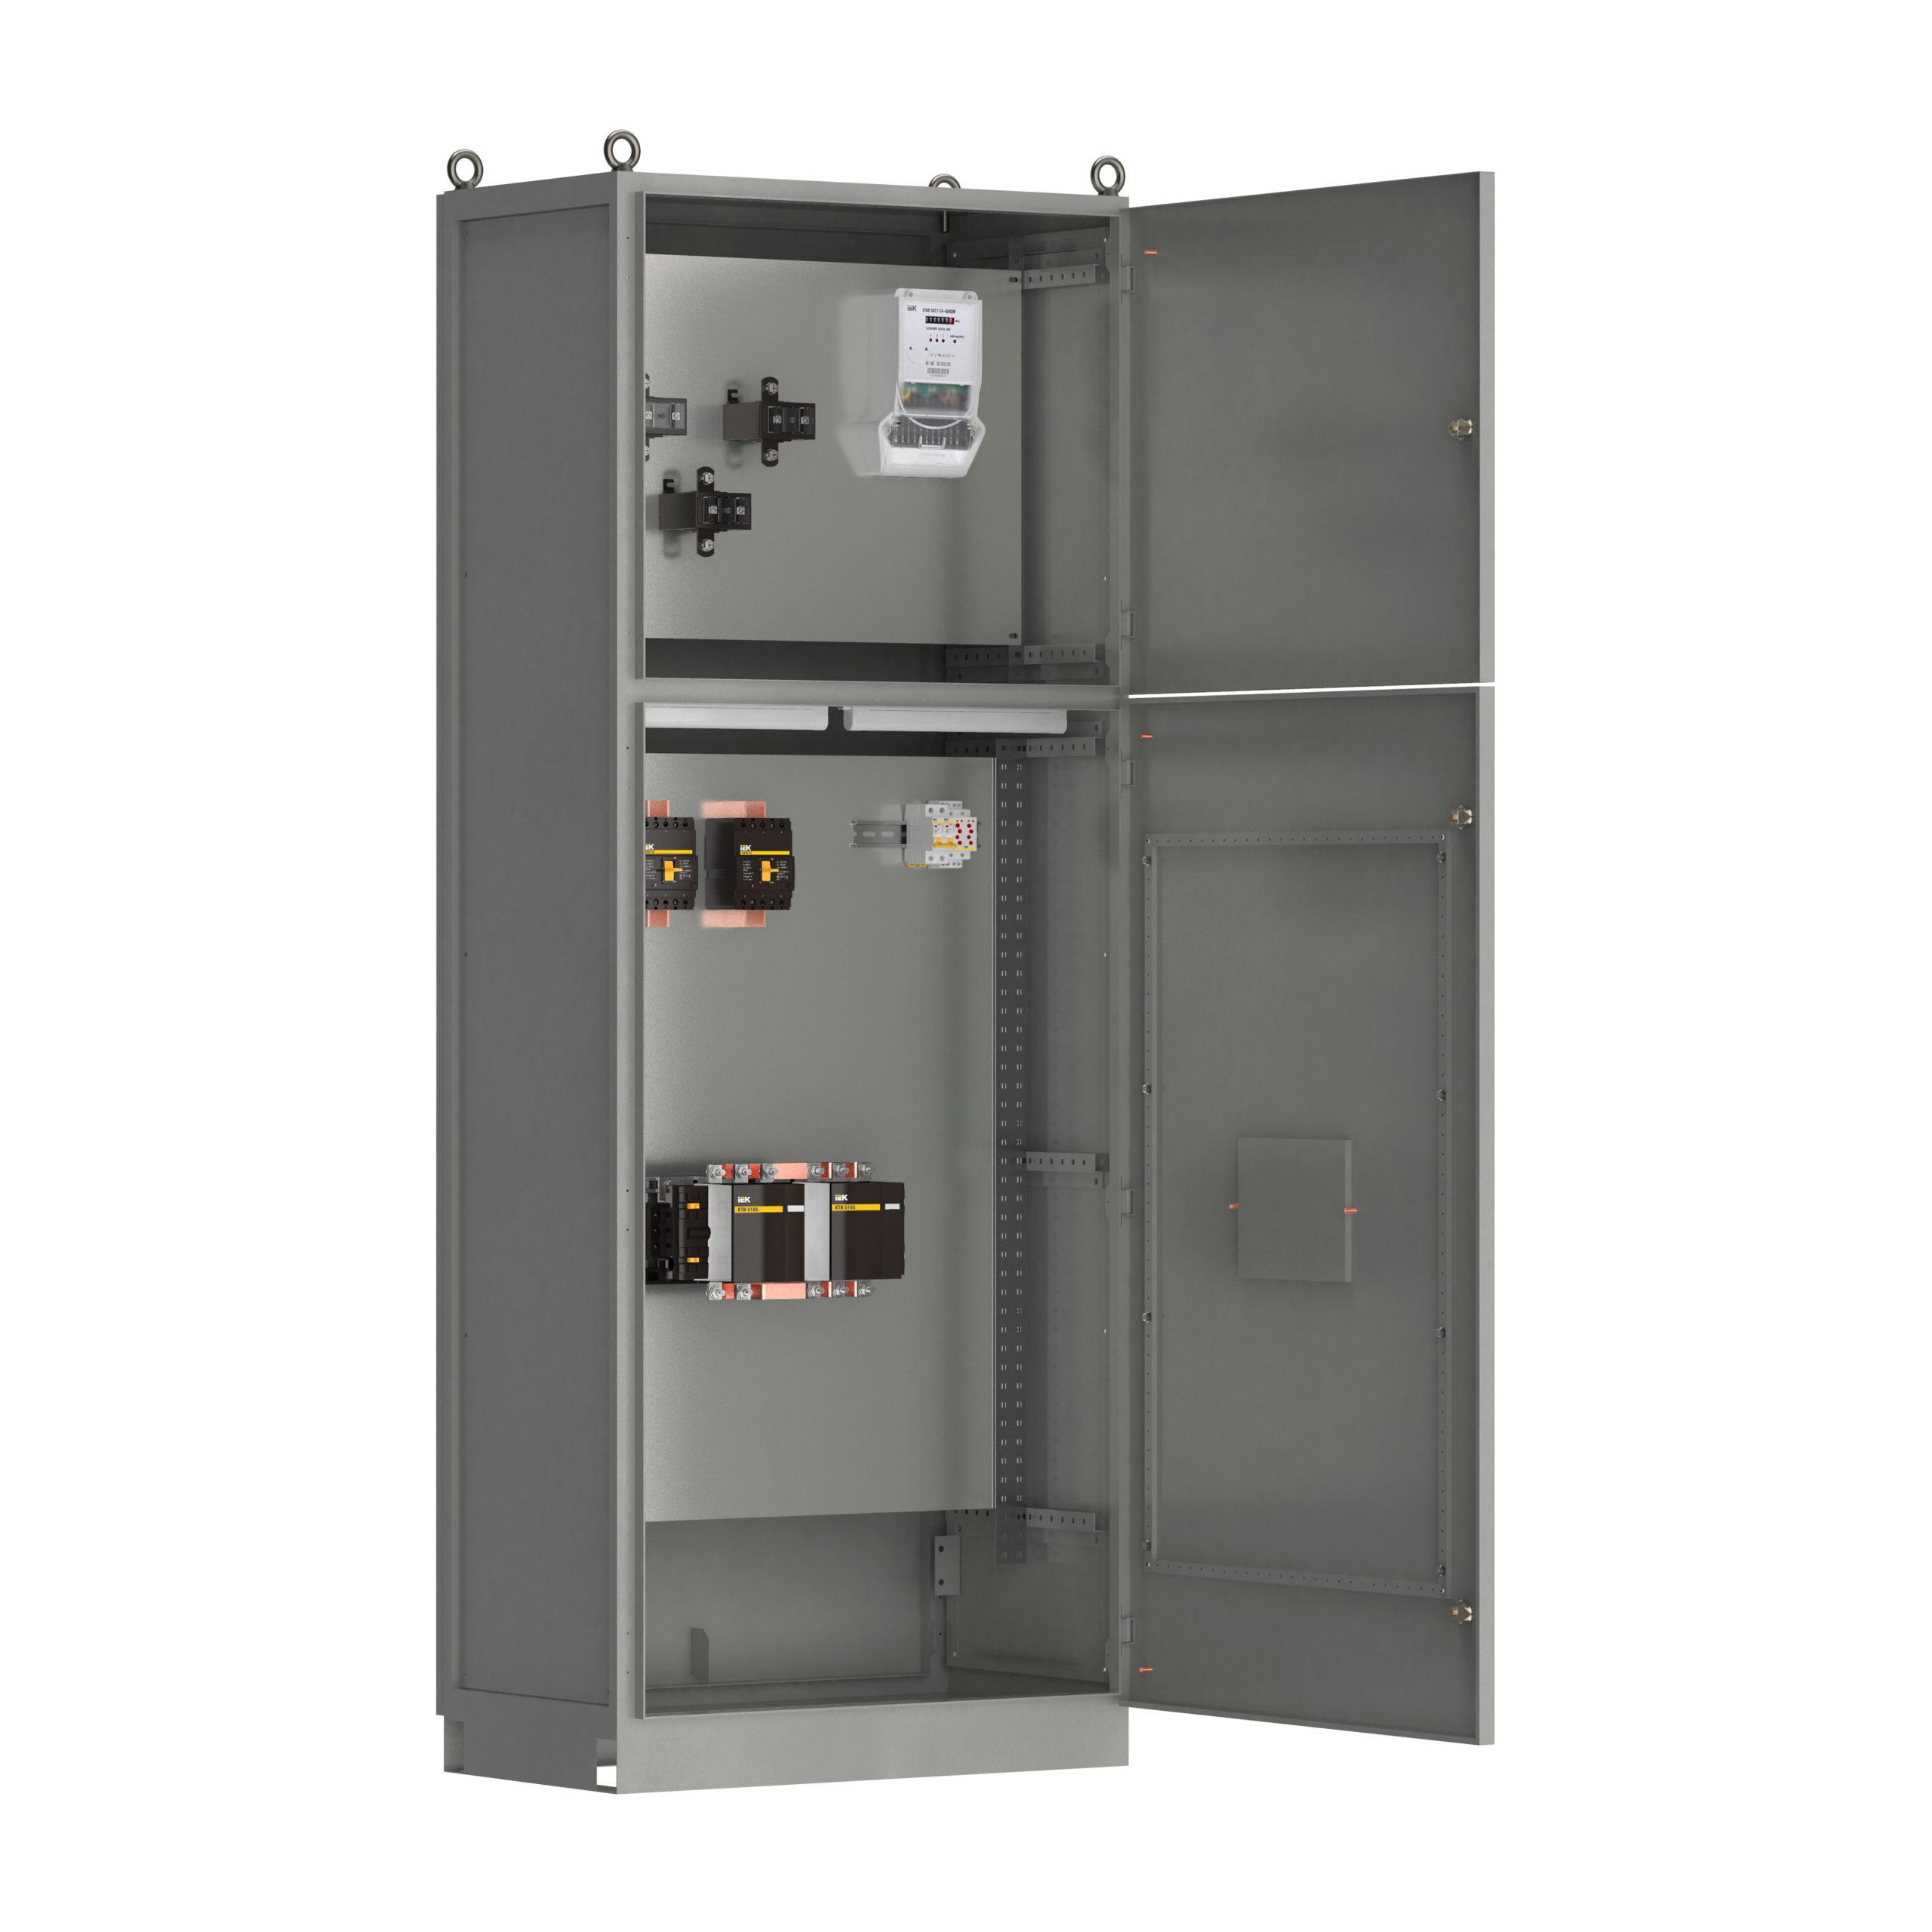 Панель вводная ВРУ1-18-70 УХЛ4 с АВР выключатели автоматические 3Р 2х250А 1Р 2х6А контактор 1х265А и учет IEK